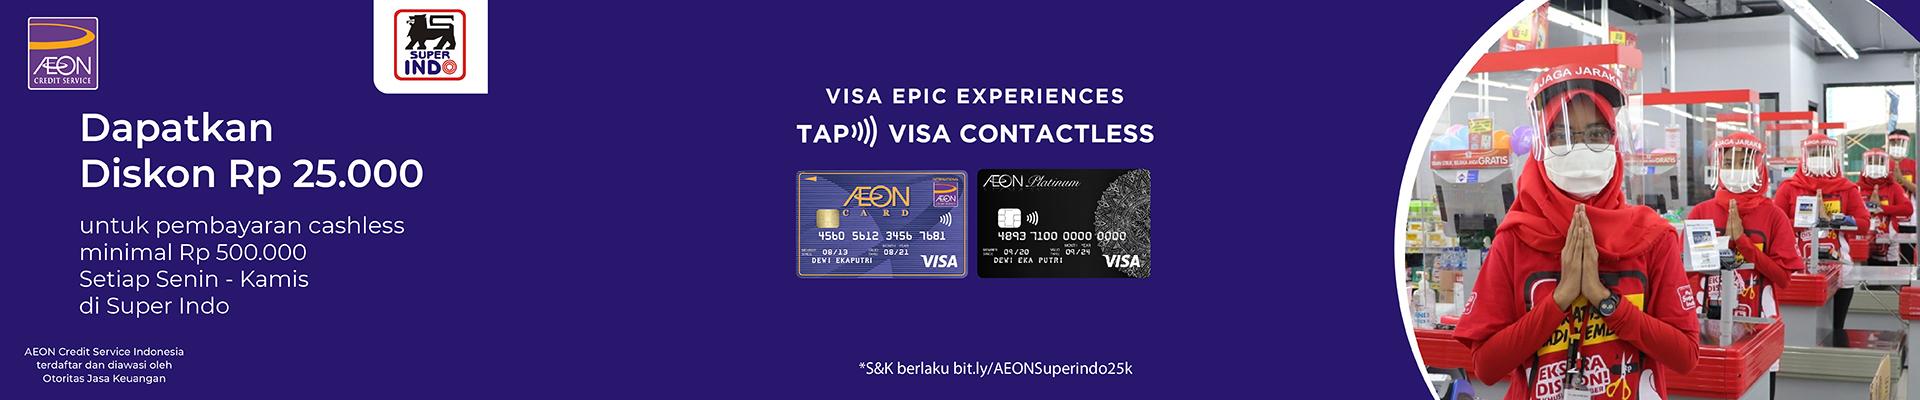 Visa Contactless di Super Indo - Belanja dan Tap untuk Dapatkan Diskon Rp 25.000